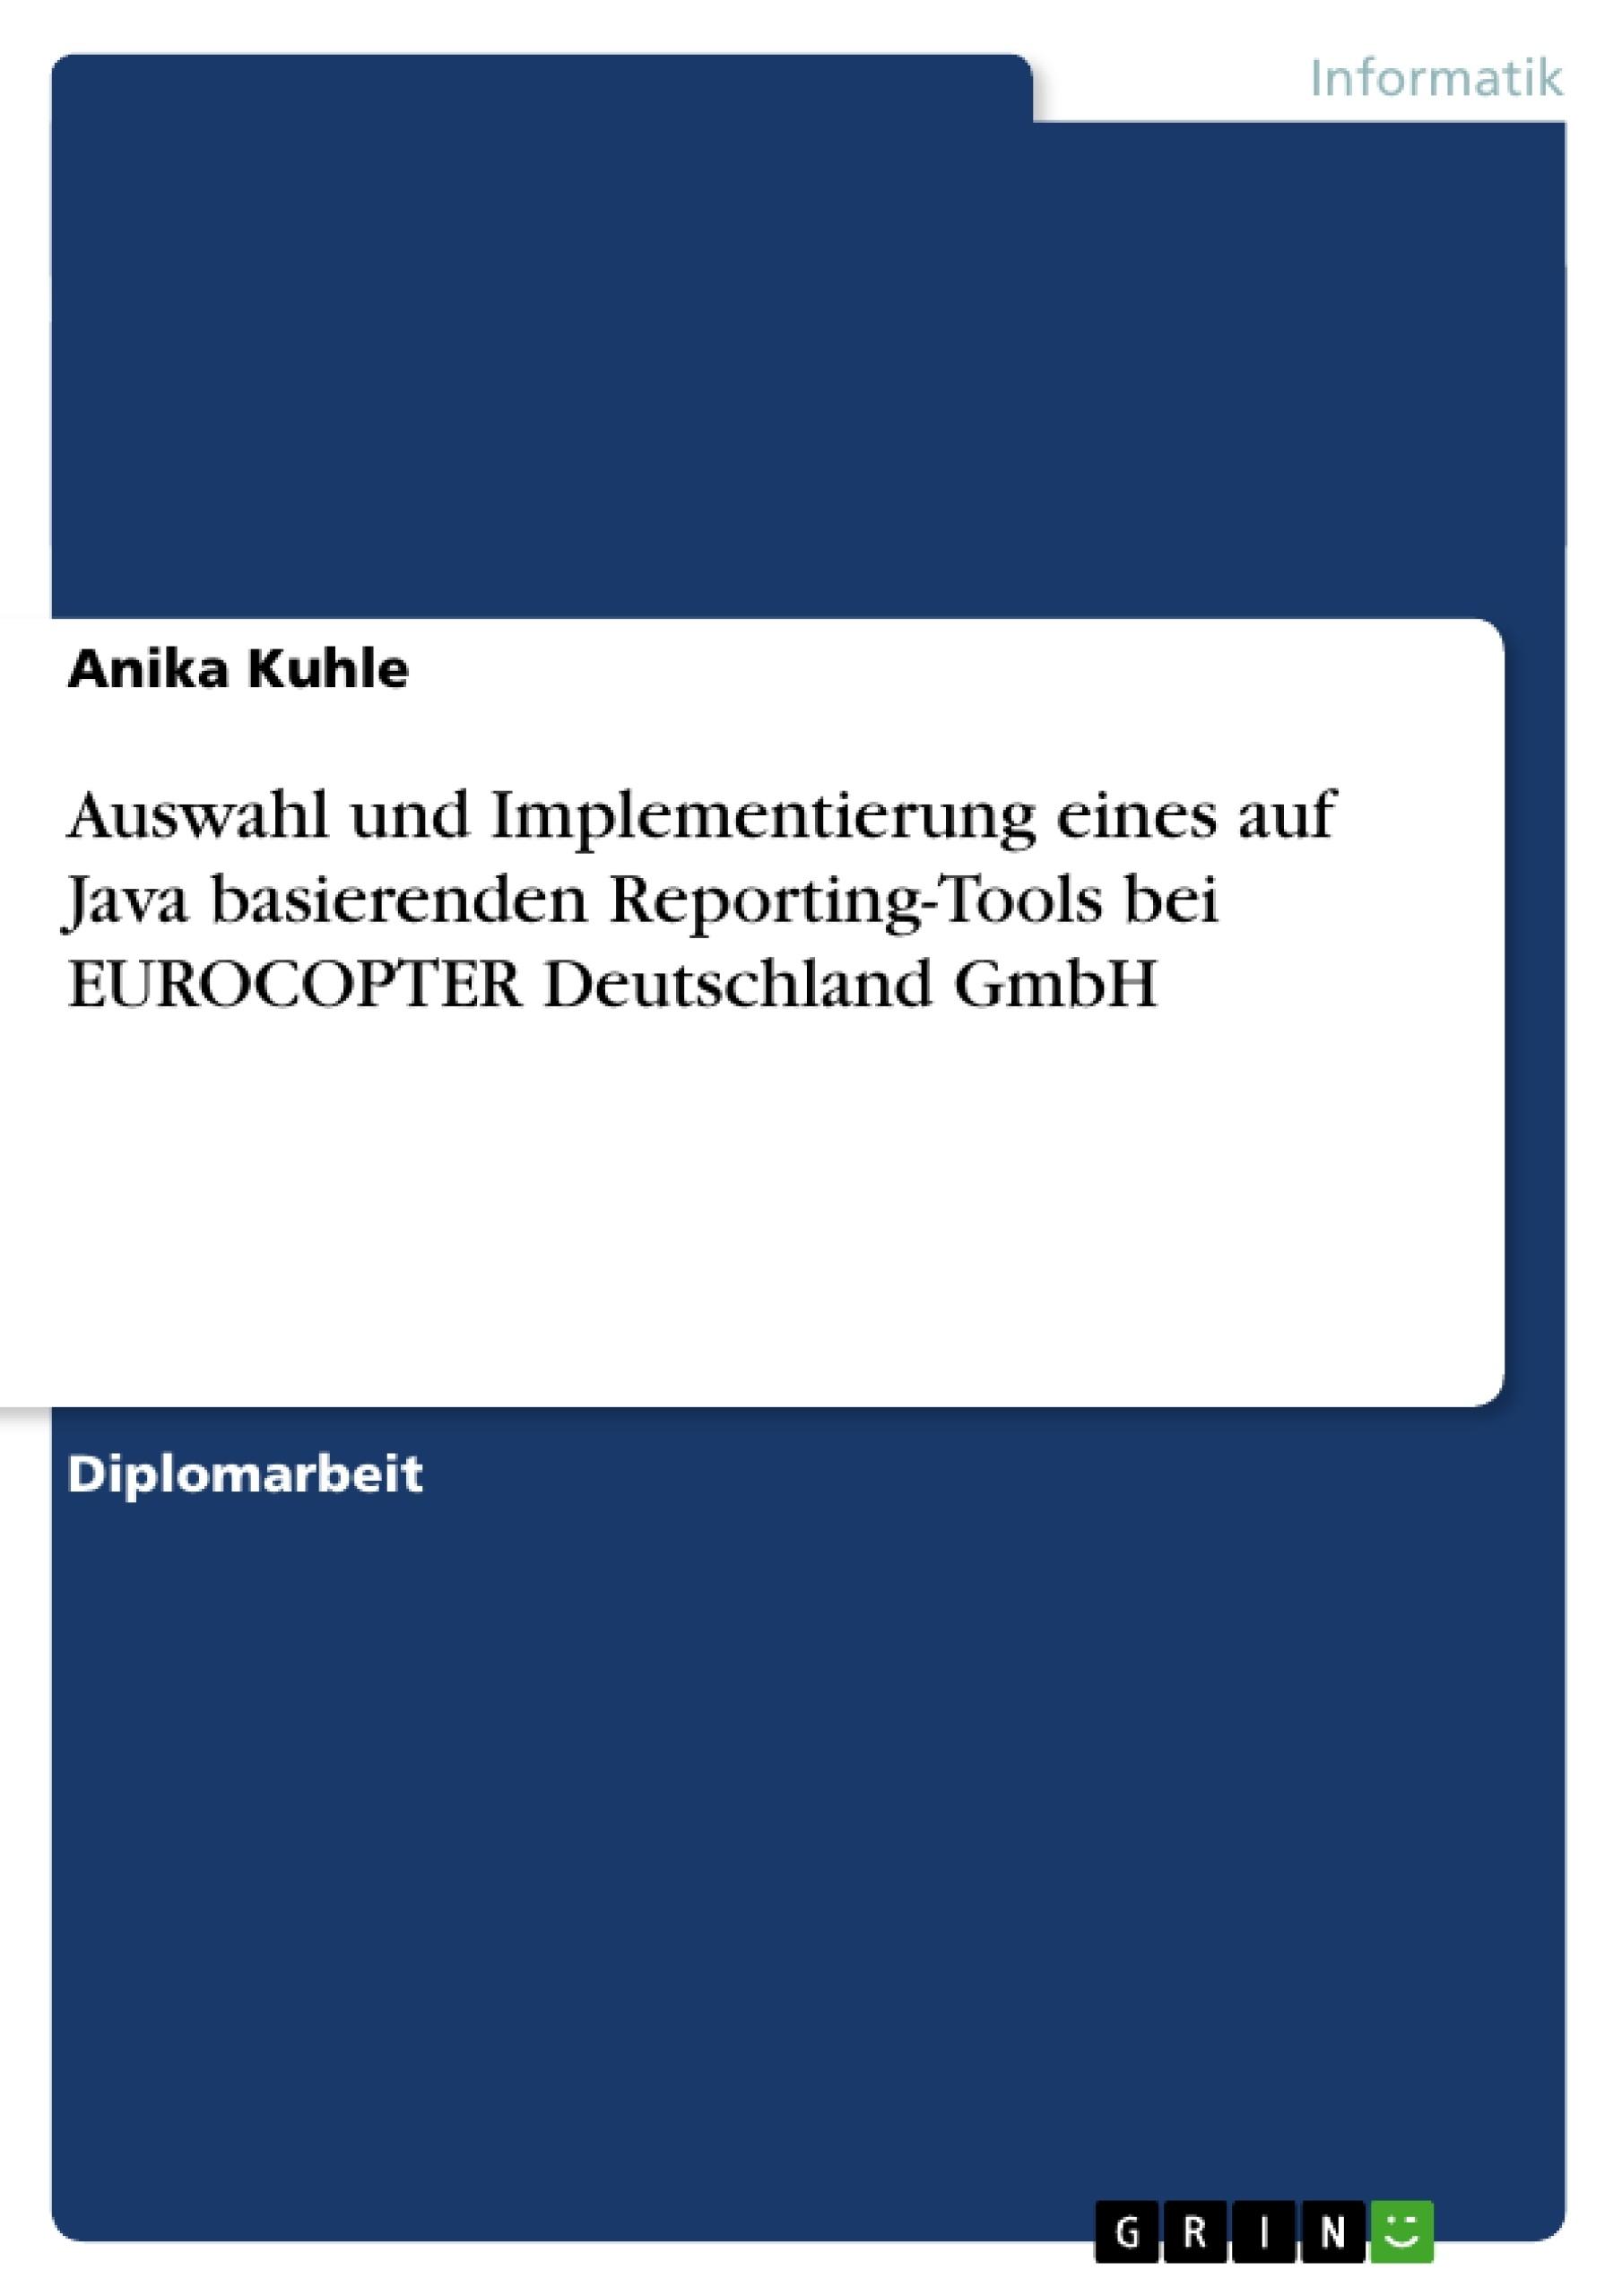 Titel: Auswahl und Implementierung eines auf Java basierenden Reporting-Tools bei EUROCOPTER Deutschland GmbH